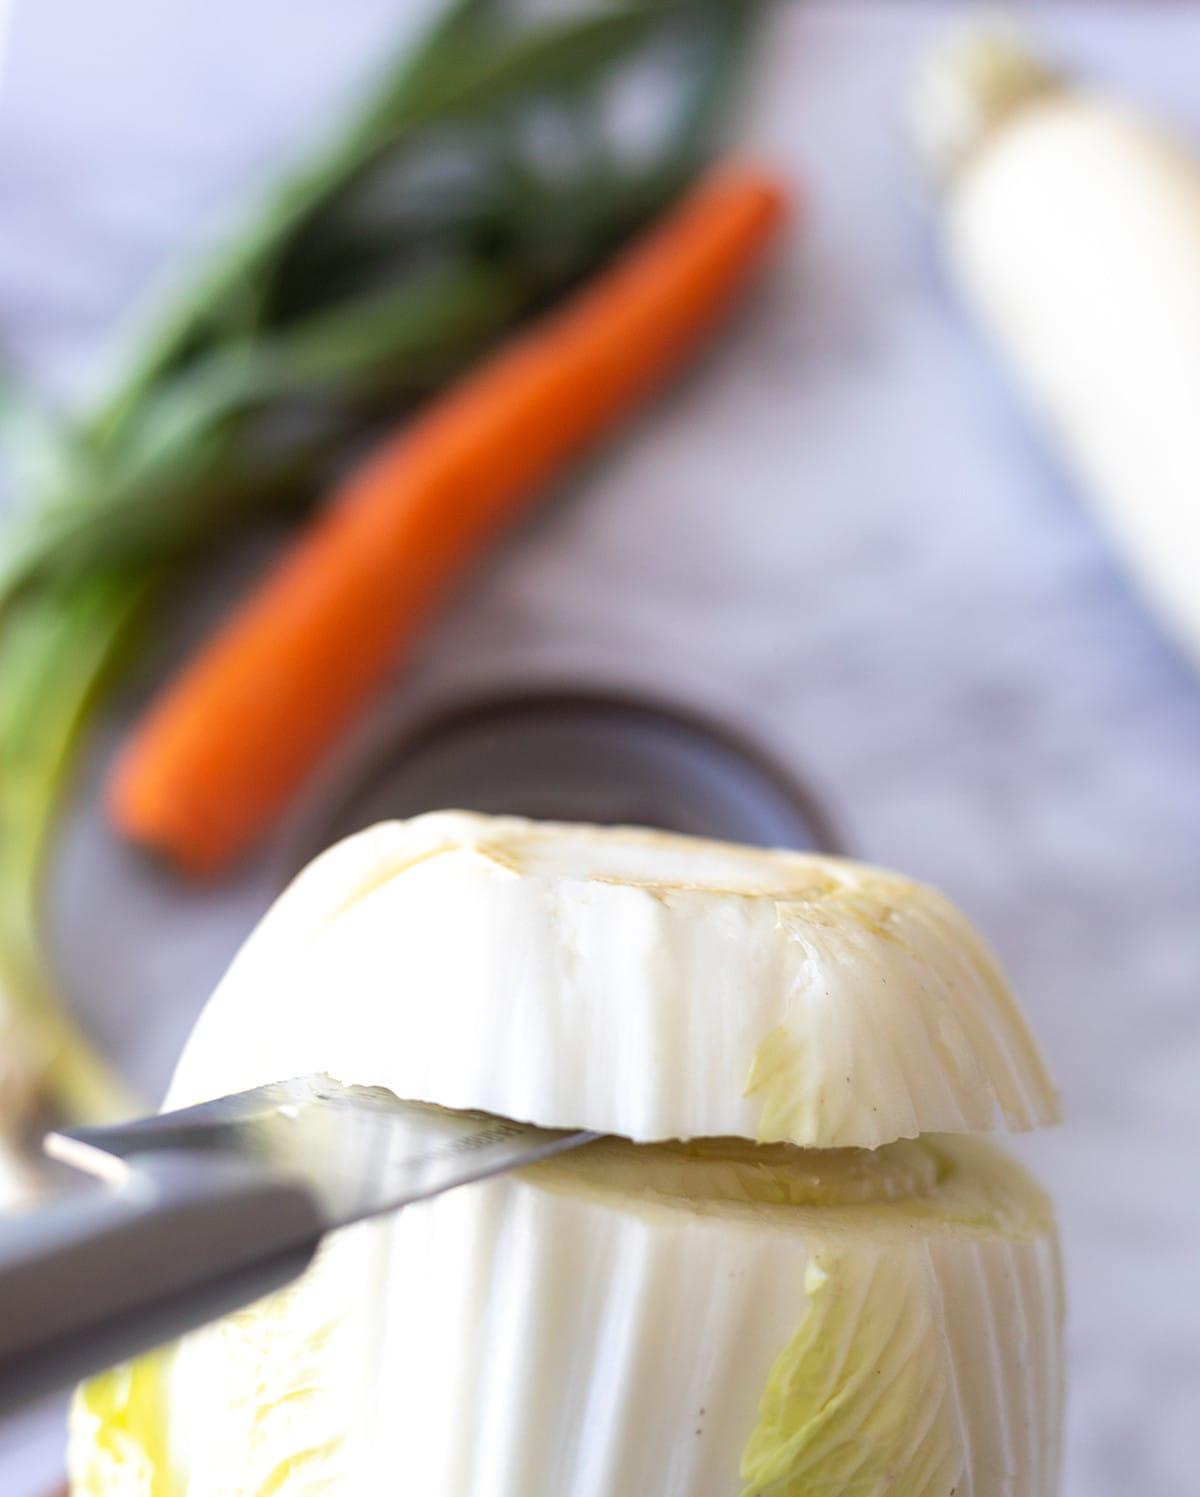 Image showing knife cutting base of napa cabbage